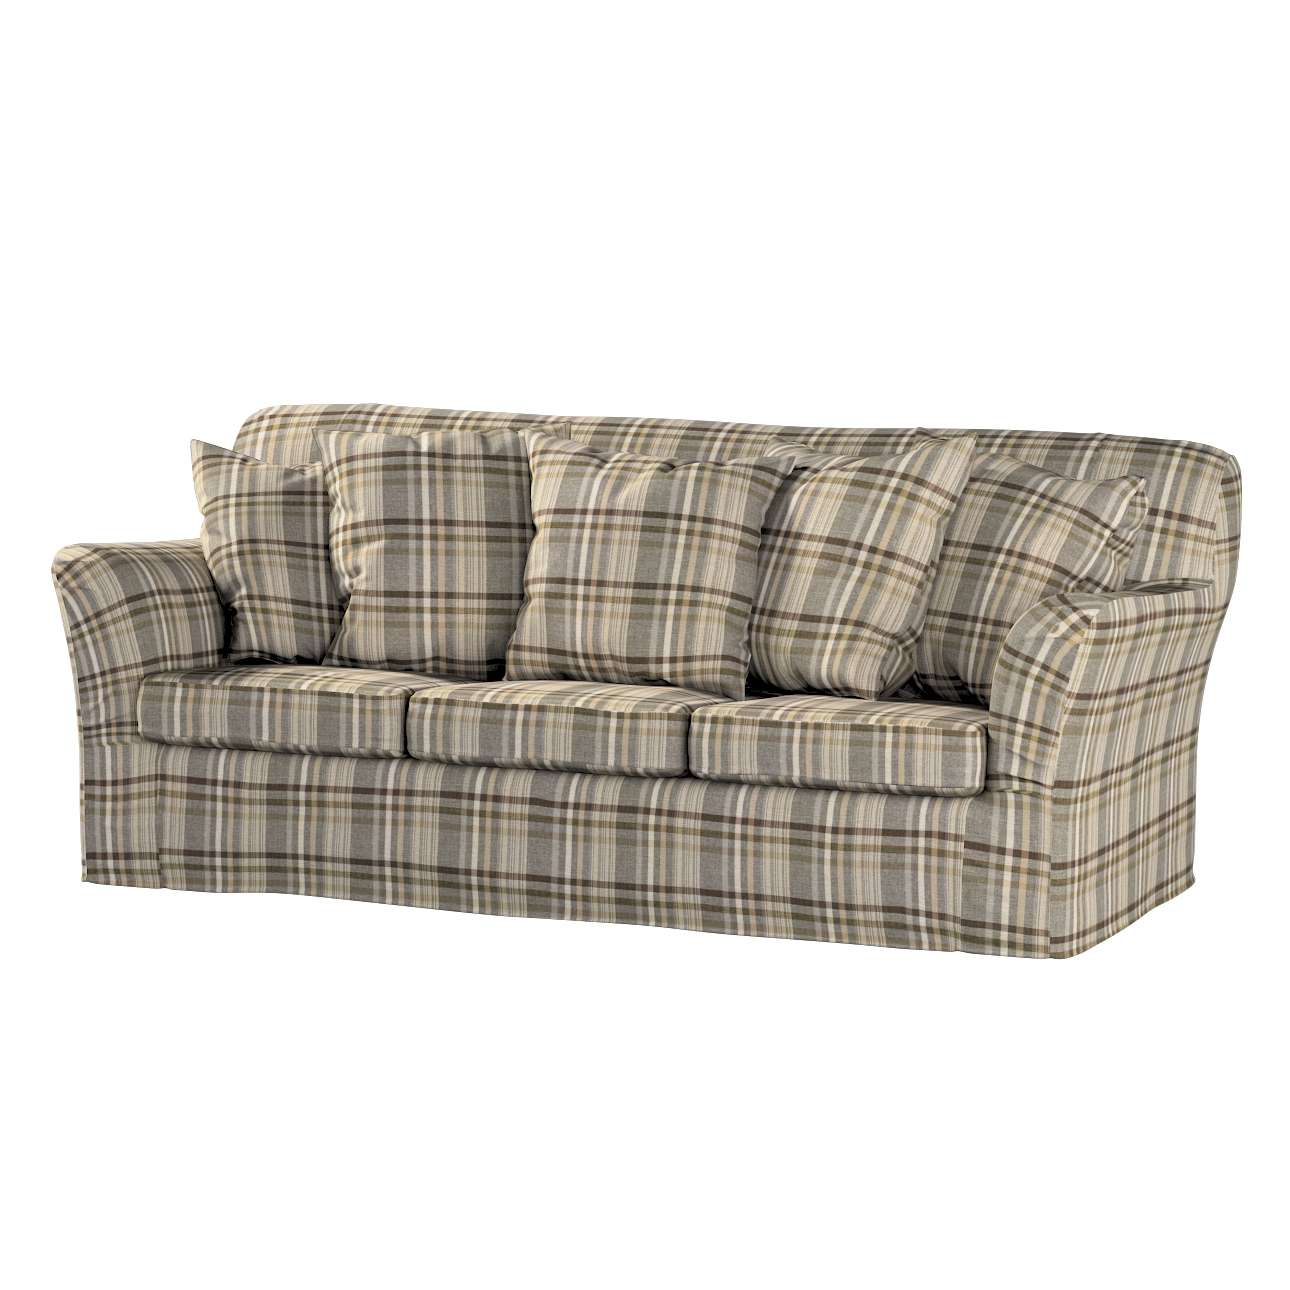 Pokrowiec na sofę Tomelilla 3-osobową nierozkładaną w kolekcji Edinburgh, tkanina: 703-17